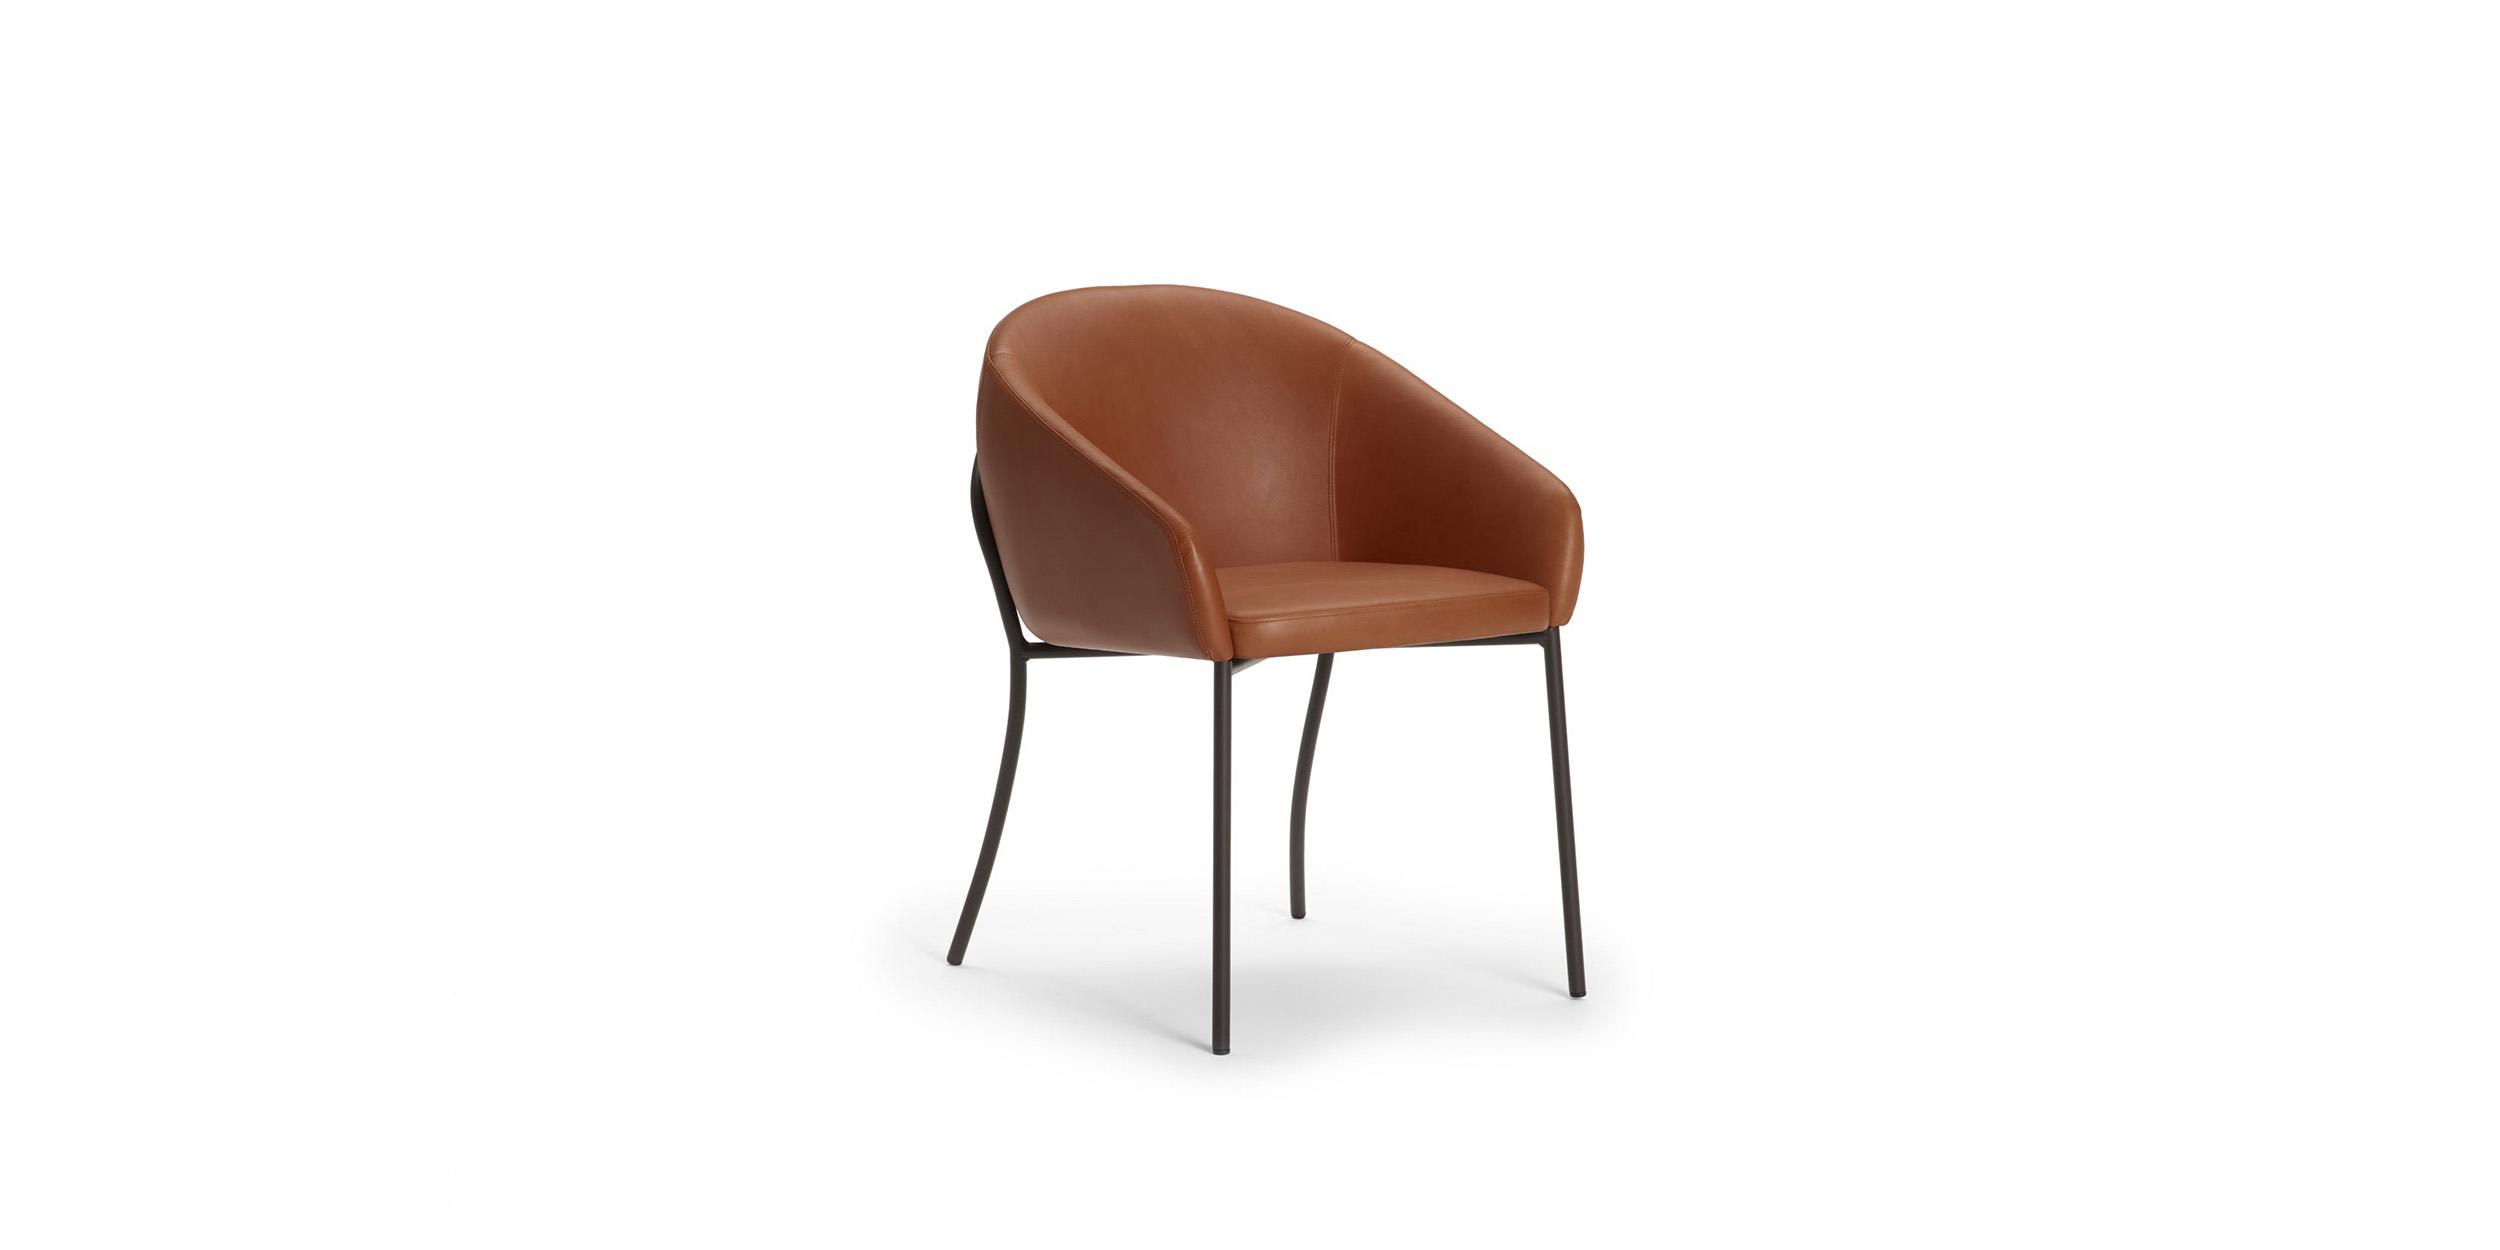 Astounding Contour Armchair Offecct Creativecarmelina Interior Chair Design Creativecarmelinacom